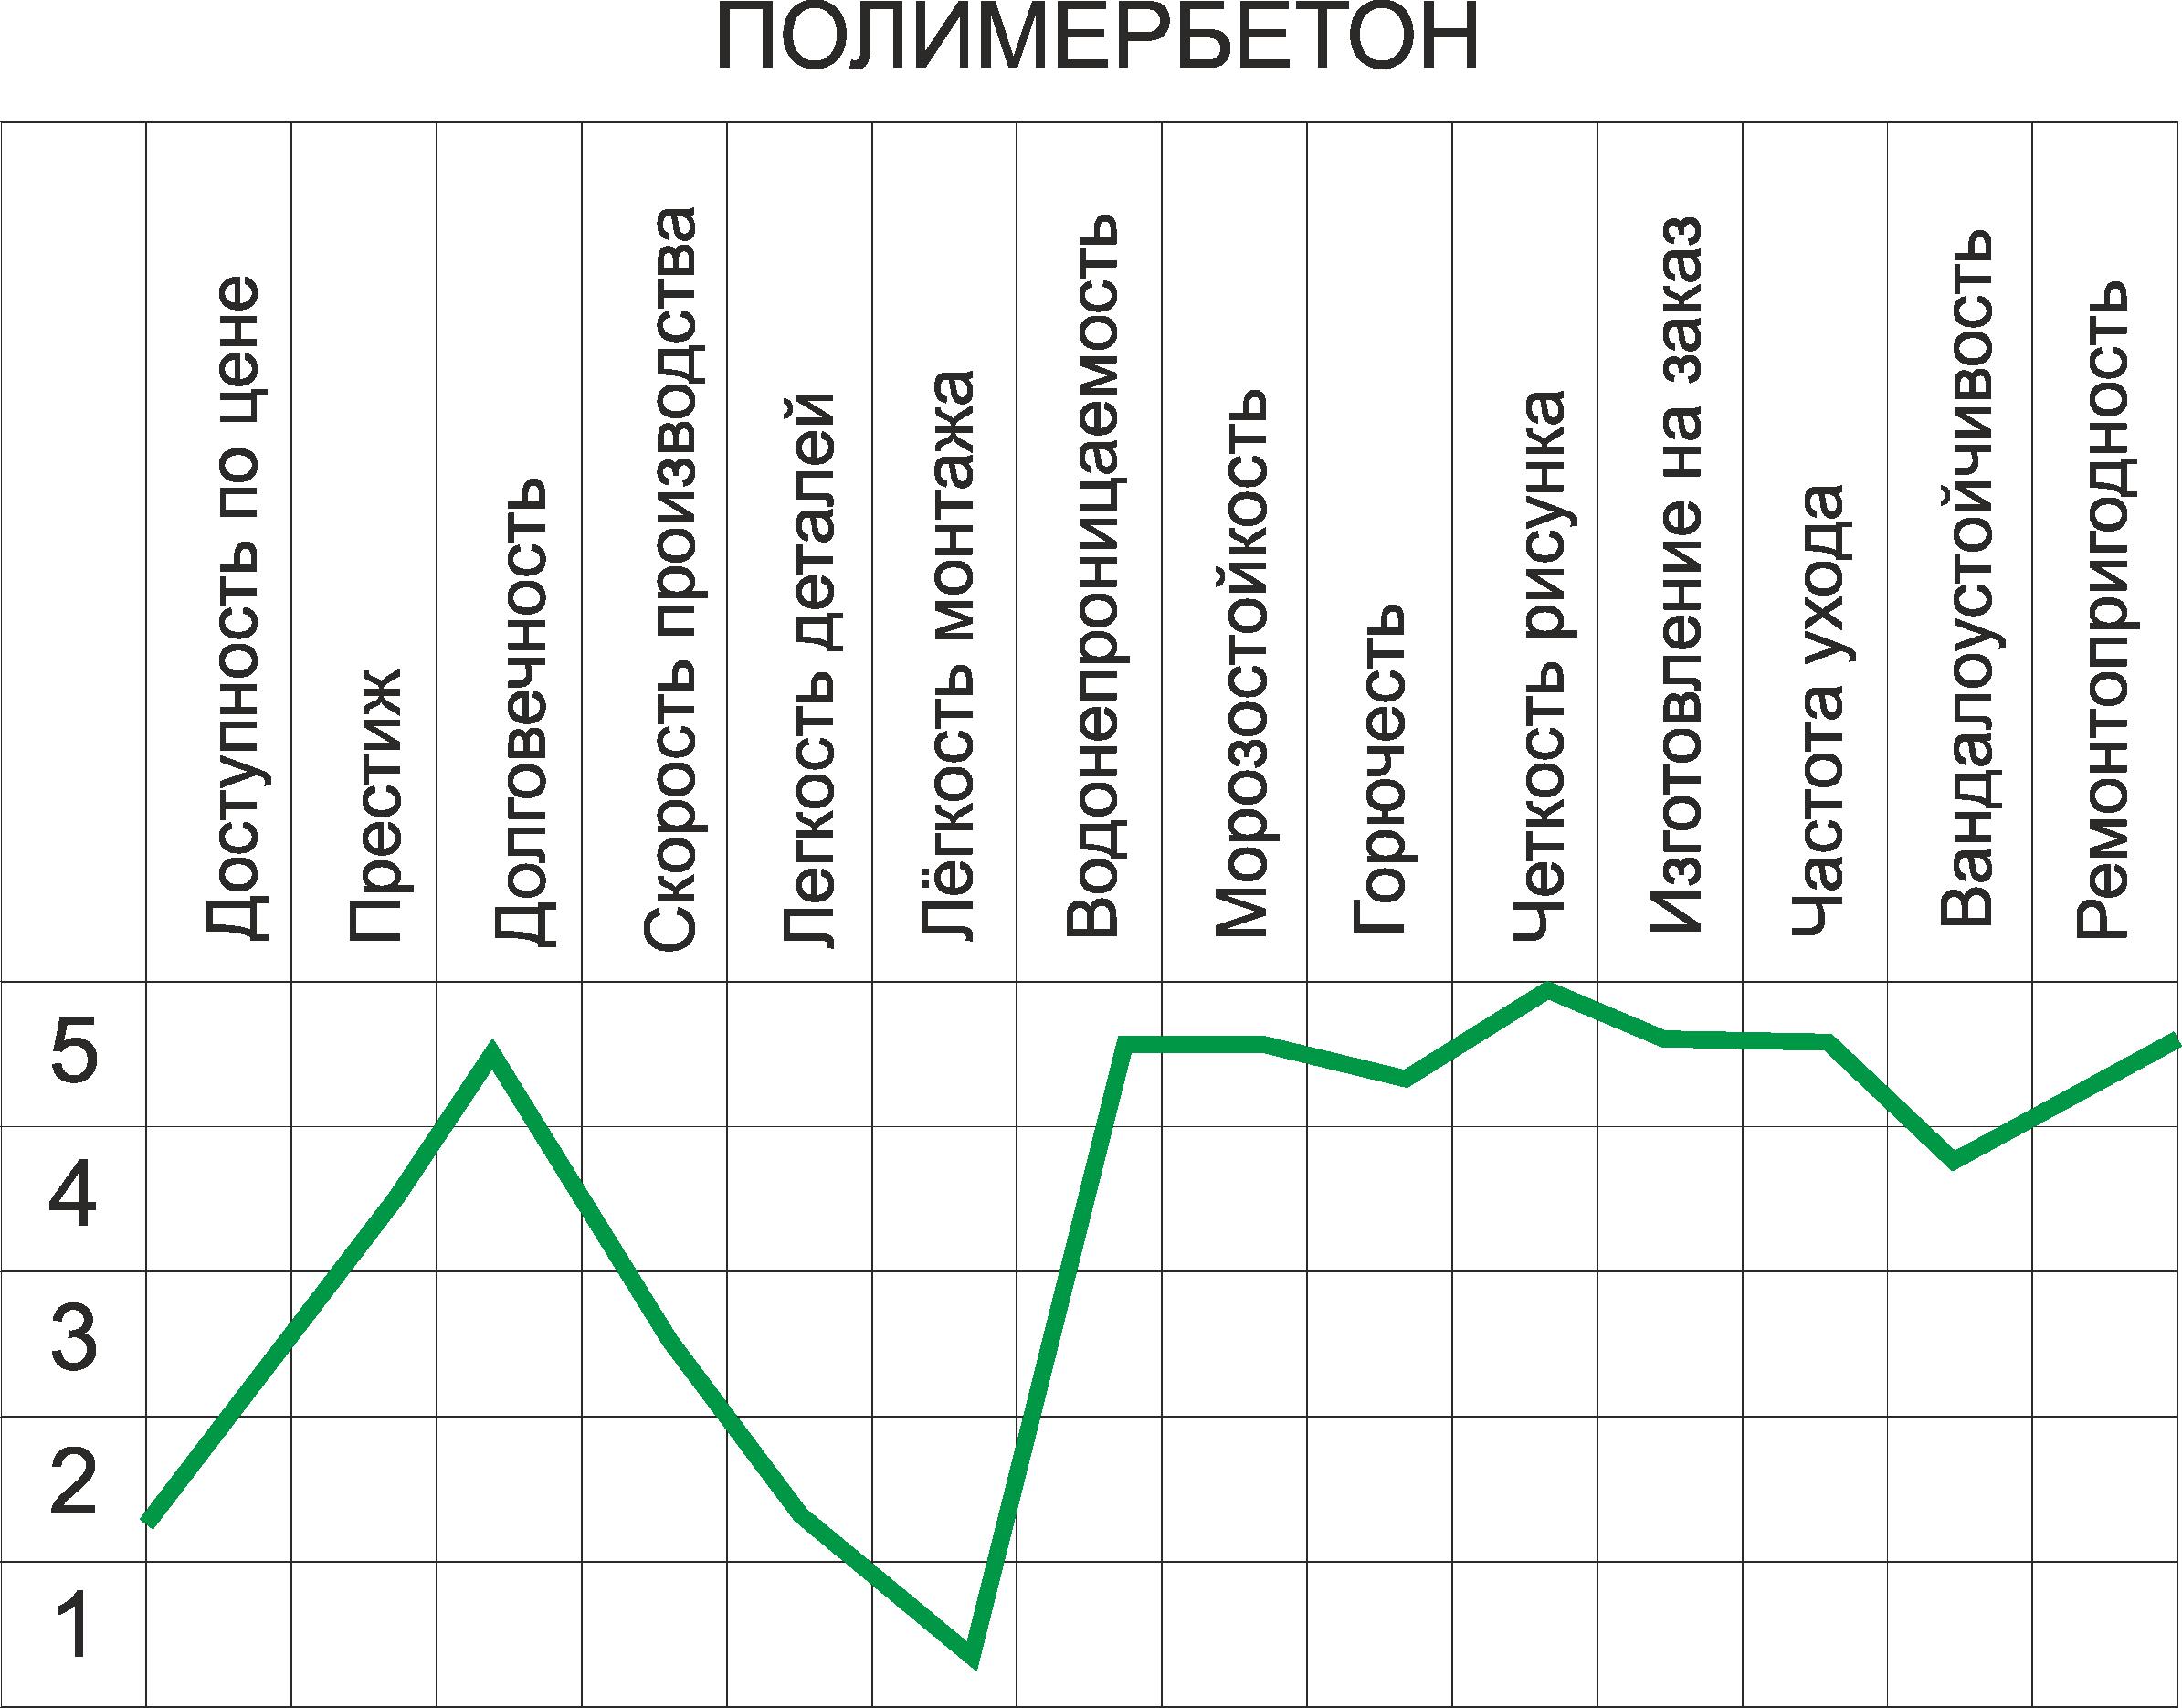 График свойств полимербетона